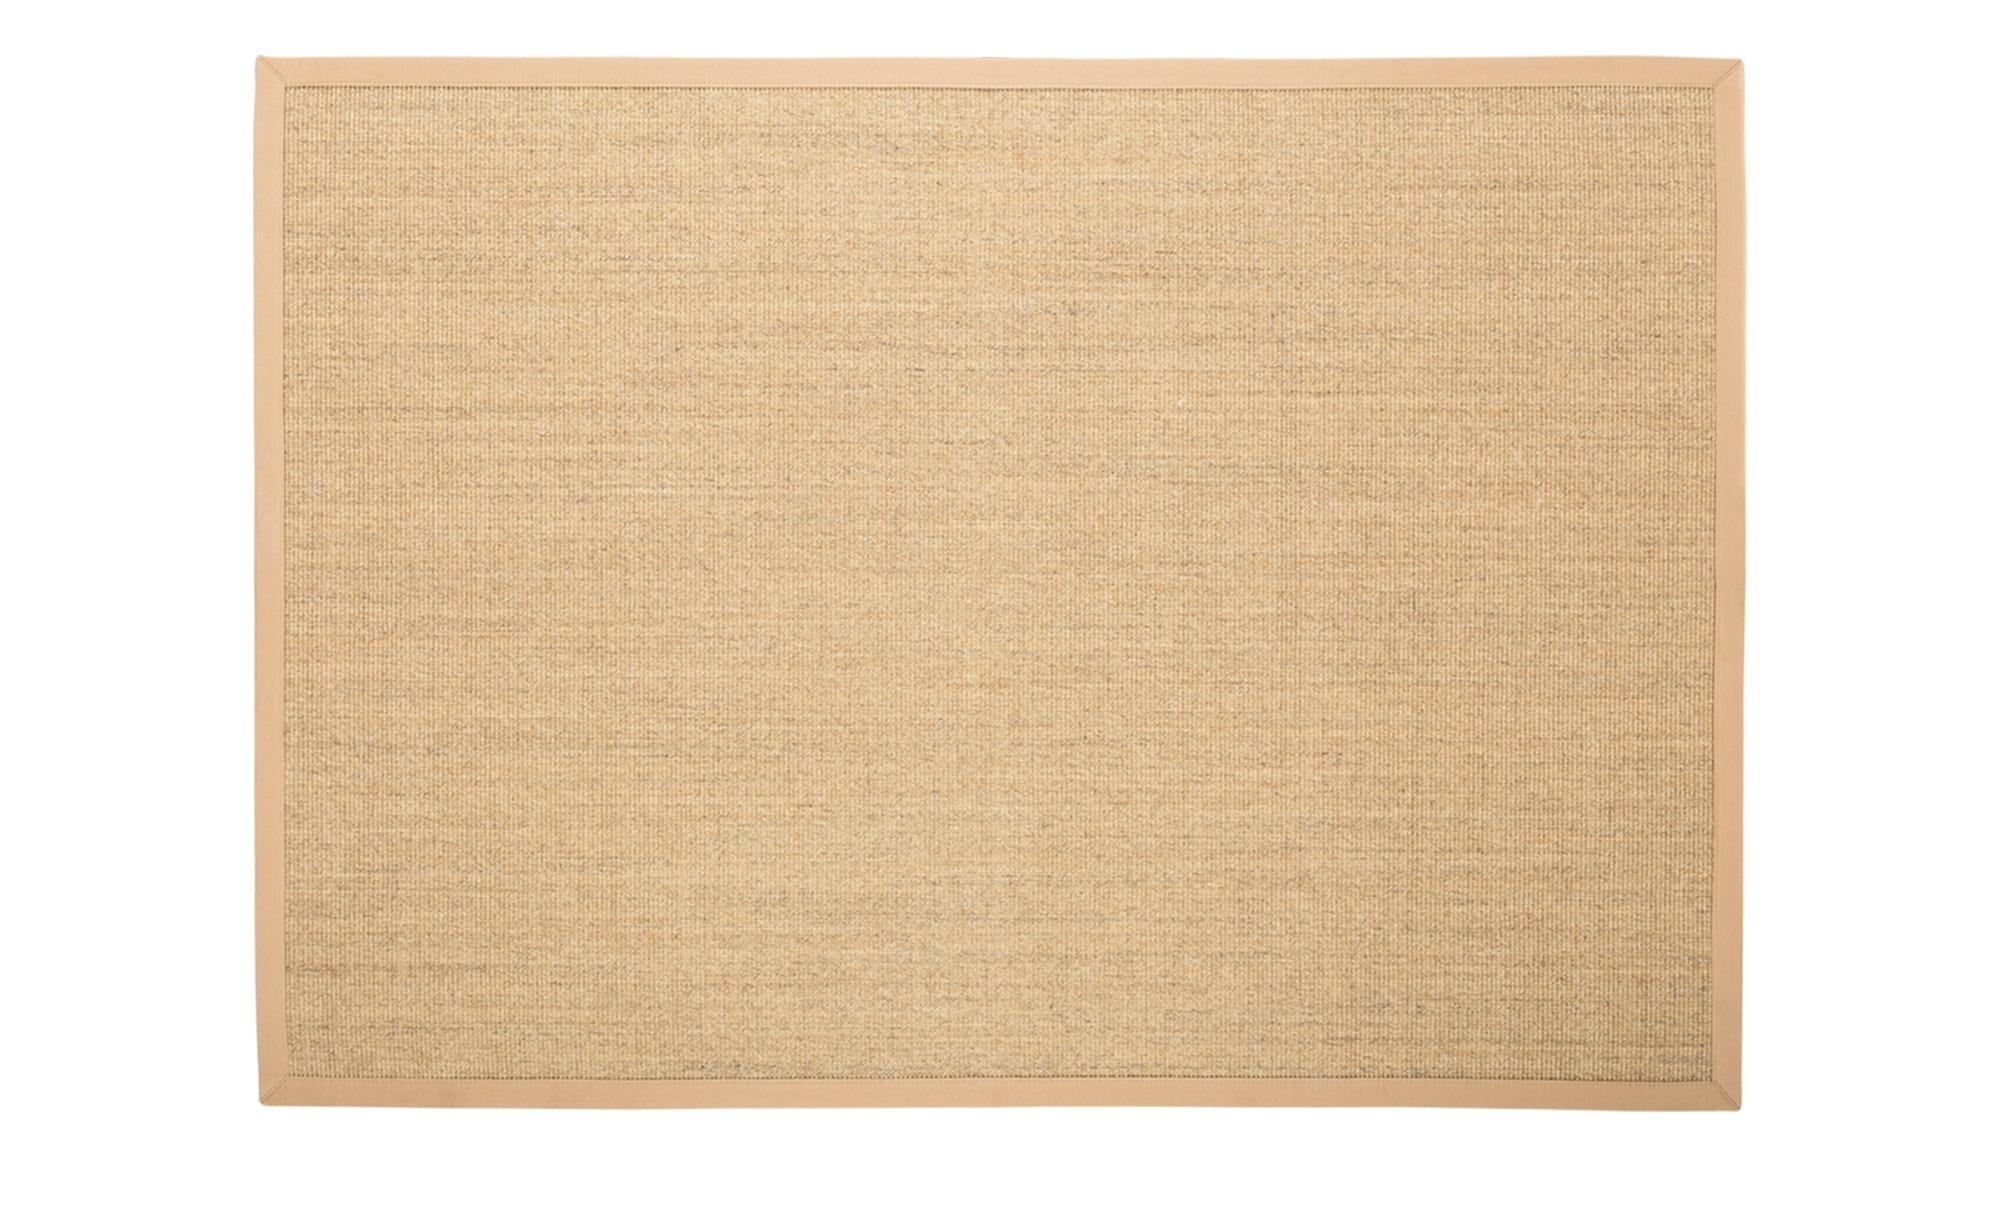 sisal teppich manaus breite 80 cm h he creme online kaufen bei woonio. Black Bedroom Furniture Sets. Home Design Ideas